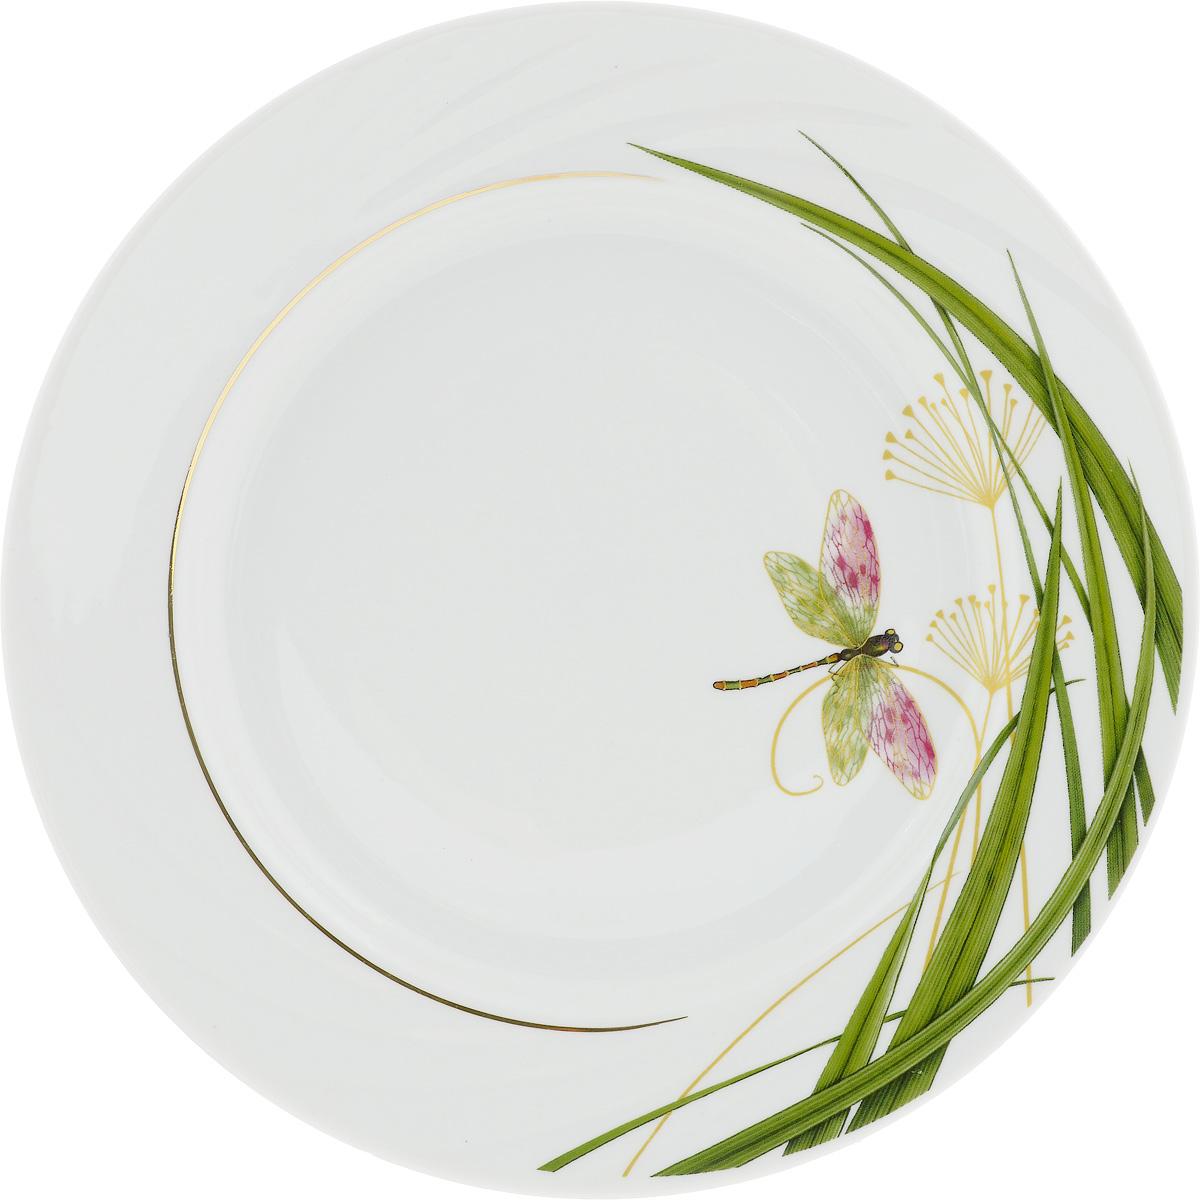 Тарелка Голубка. Стрекоза, диаметр 24,5 см1224532Тарелка Голубка. Стрекоза изготовлена из высококачественного фарфора. Изделие декорировано красочным изображением. Такая тарелка отлично подойдет в качестве блюда, она идеальна для сервировки закусок, нарезок, горячих блюд. Тарелка прекрасно дополнит сервировку стола и порадует вас оригинальным дизайном. Диаметр тарелки: 24,5 см.